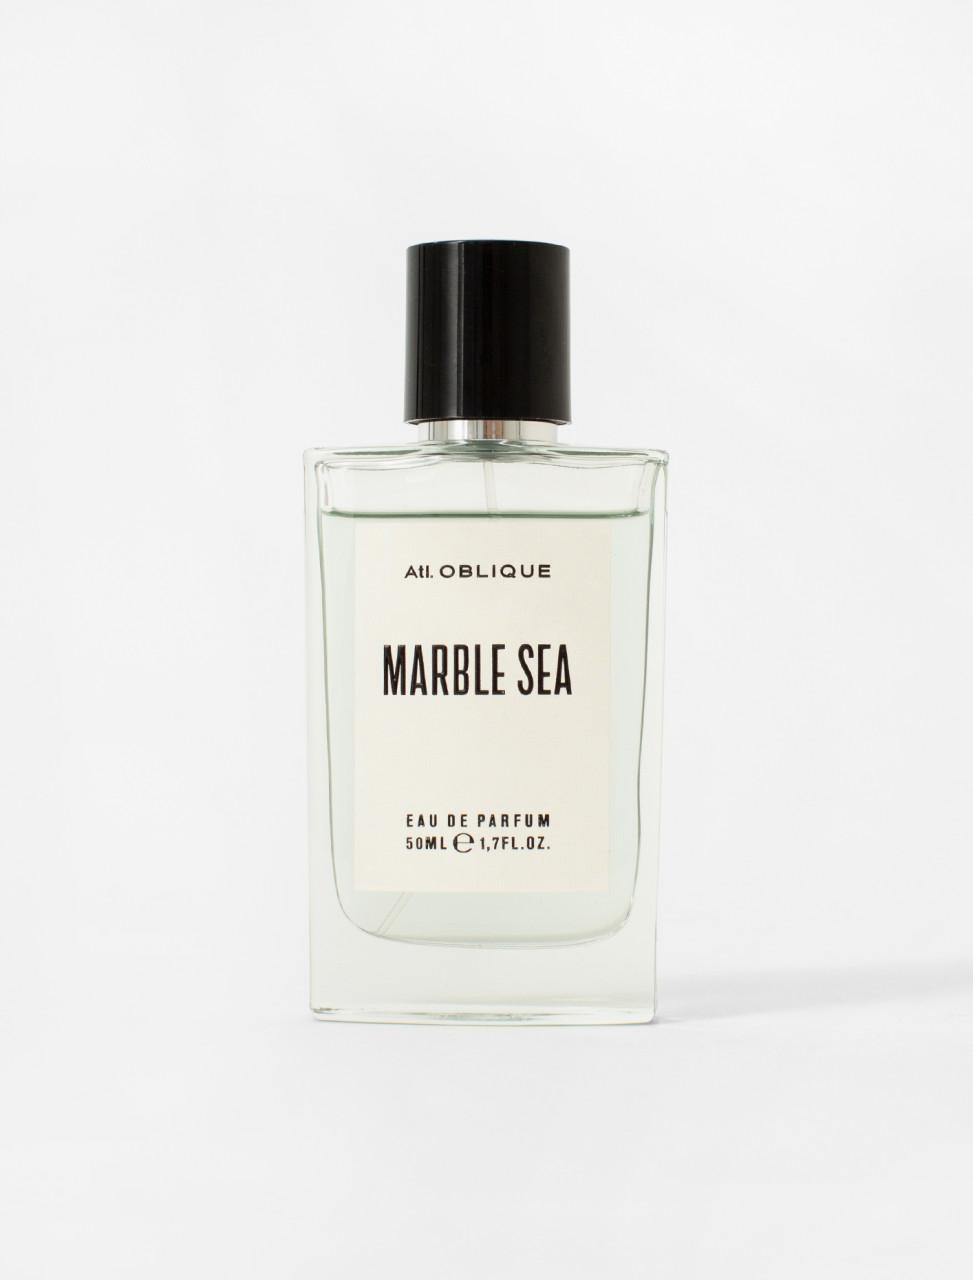 Marble Sea Eau de Parfum